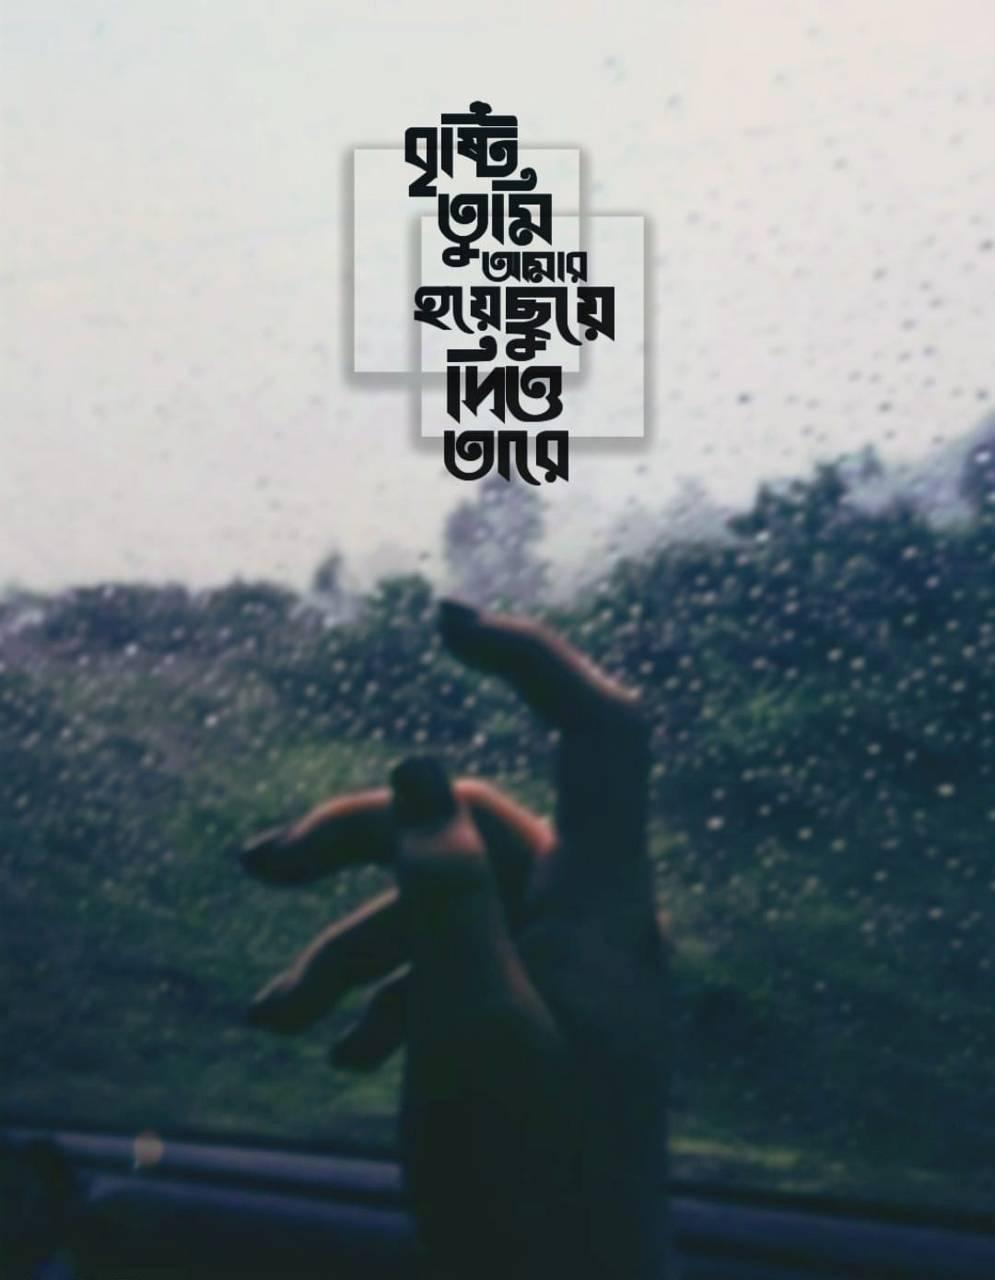 Bangla Sayings